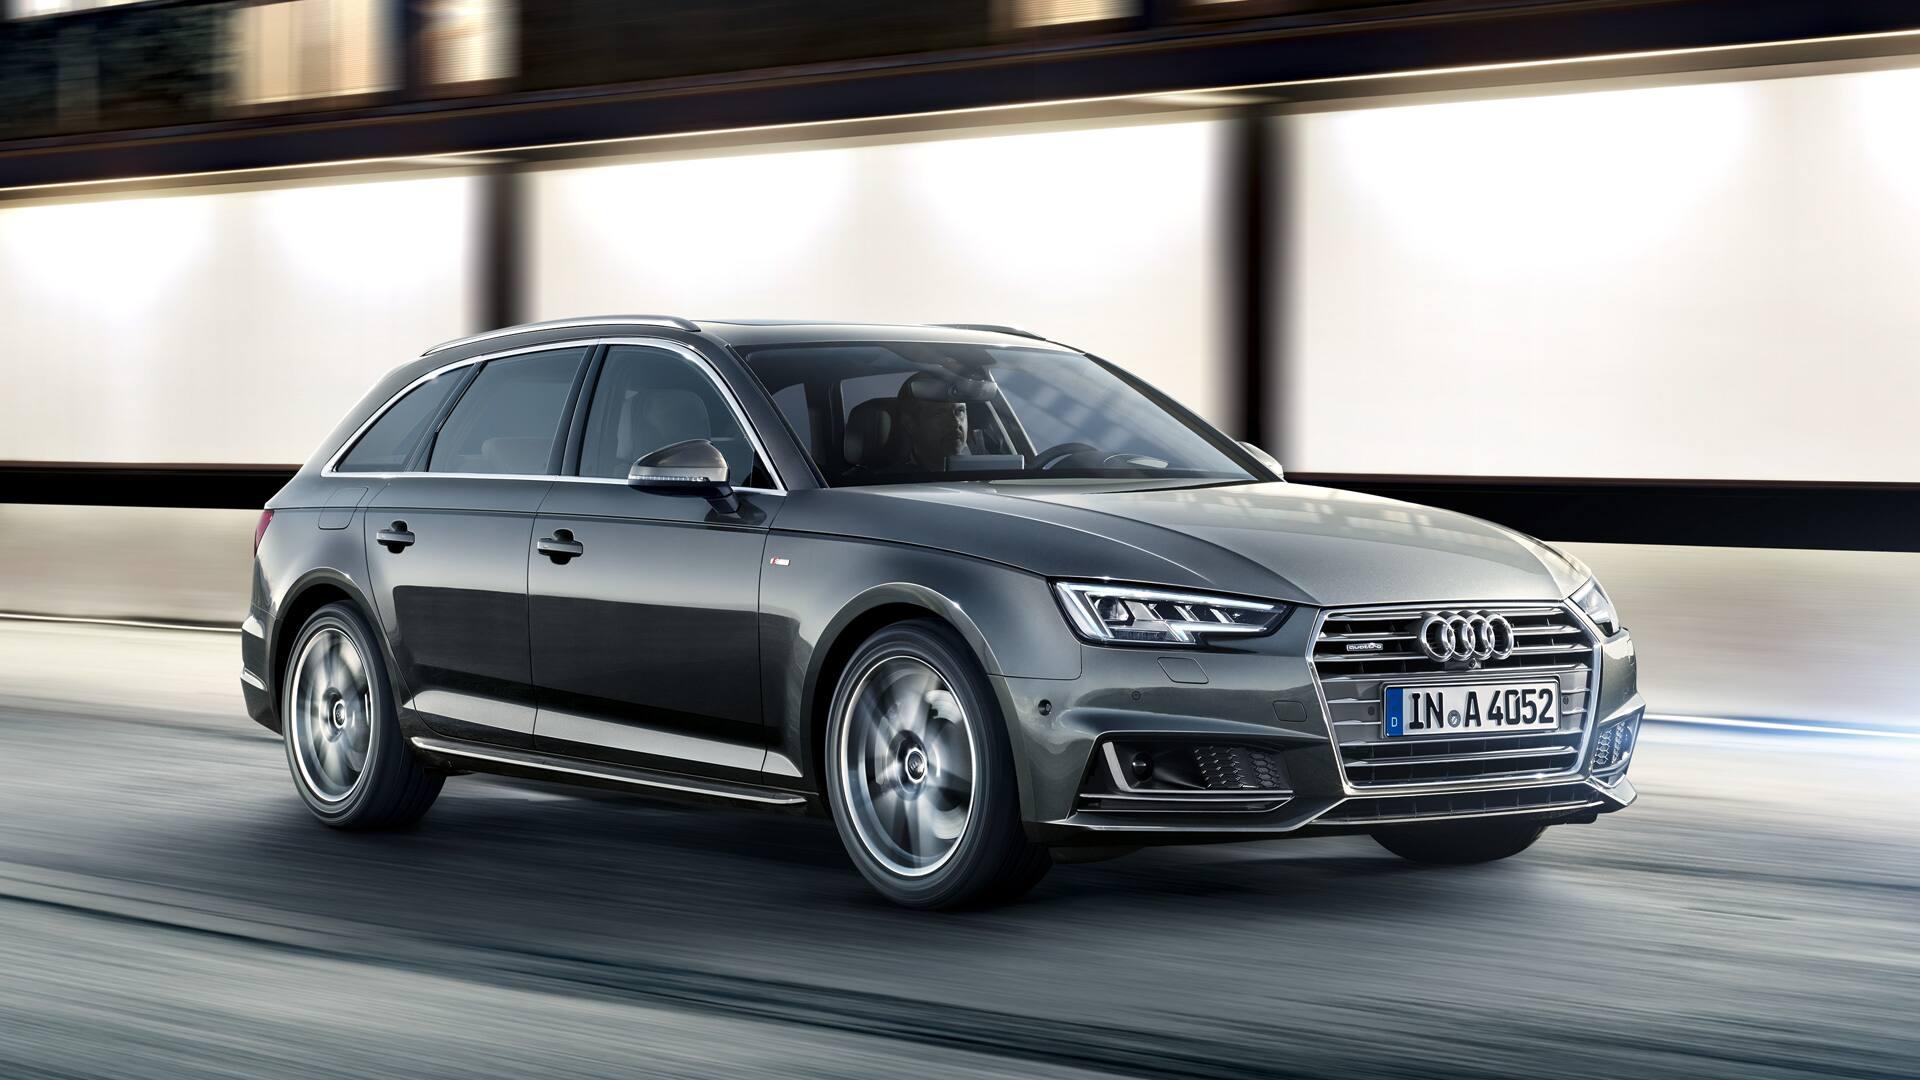 A4 Avant Gt Audi Suisse